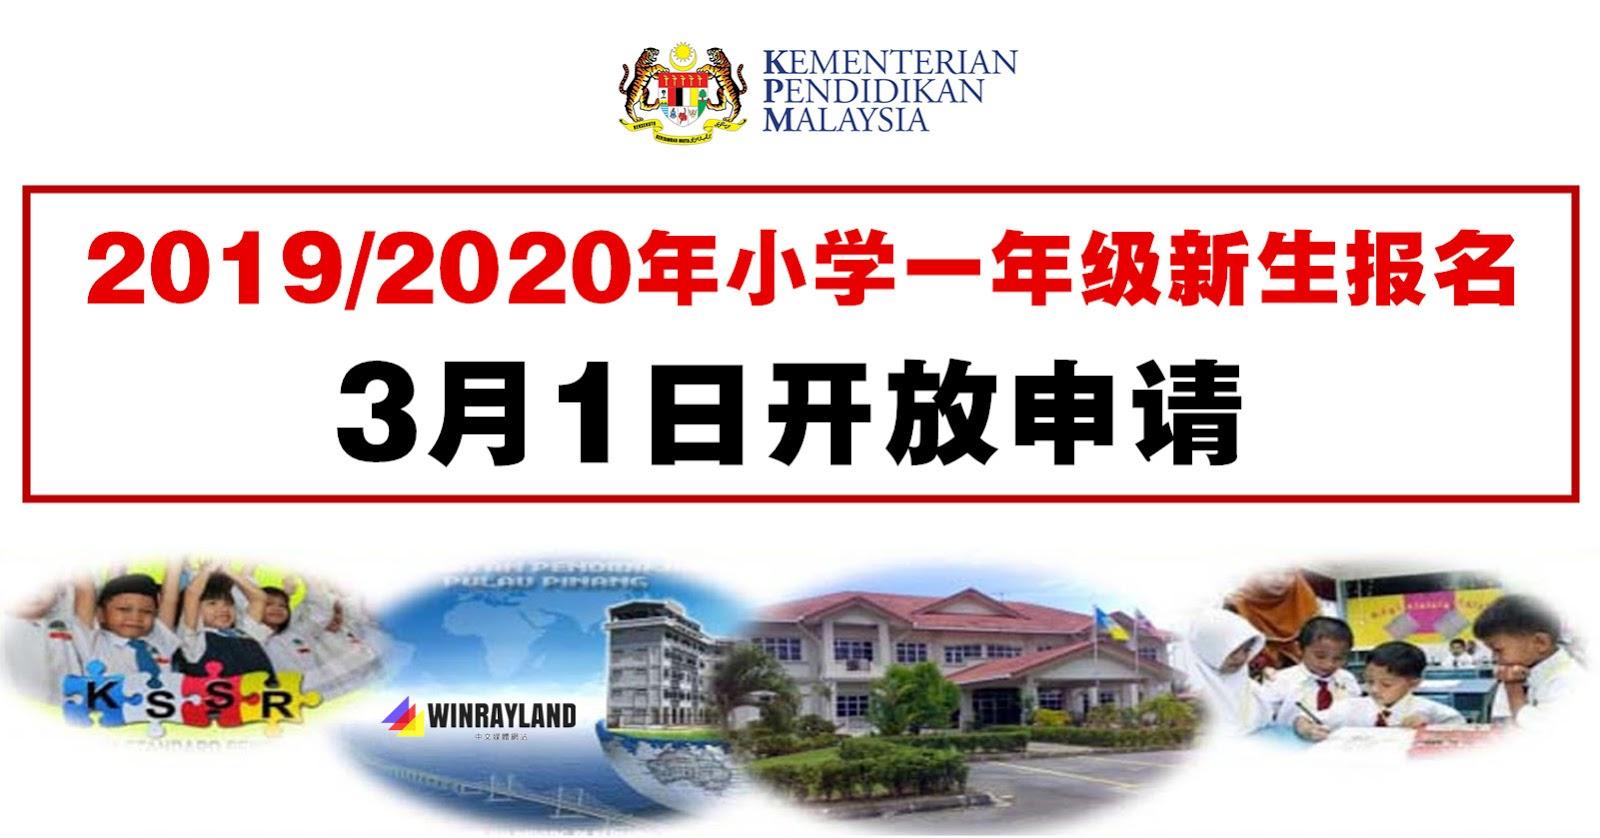 2019 / 2020年小学一年级新生报名,将在3月1日开放申请